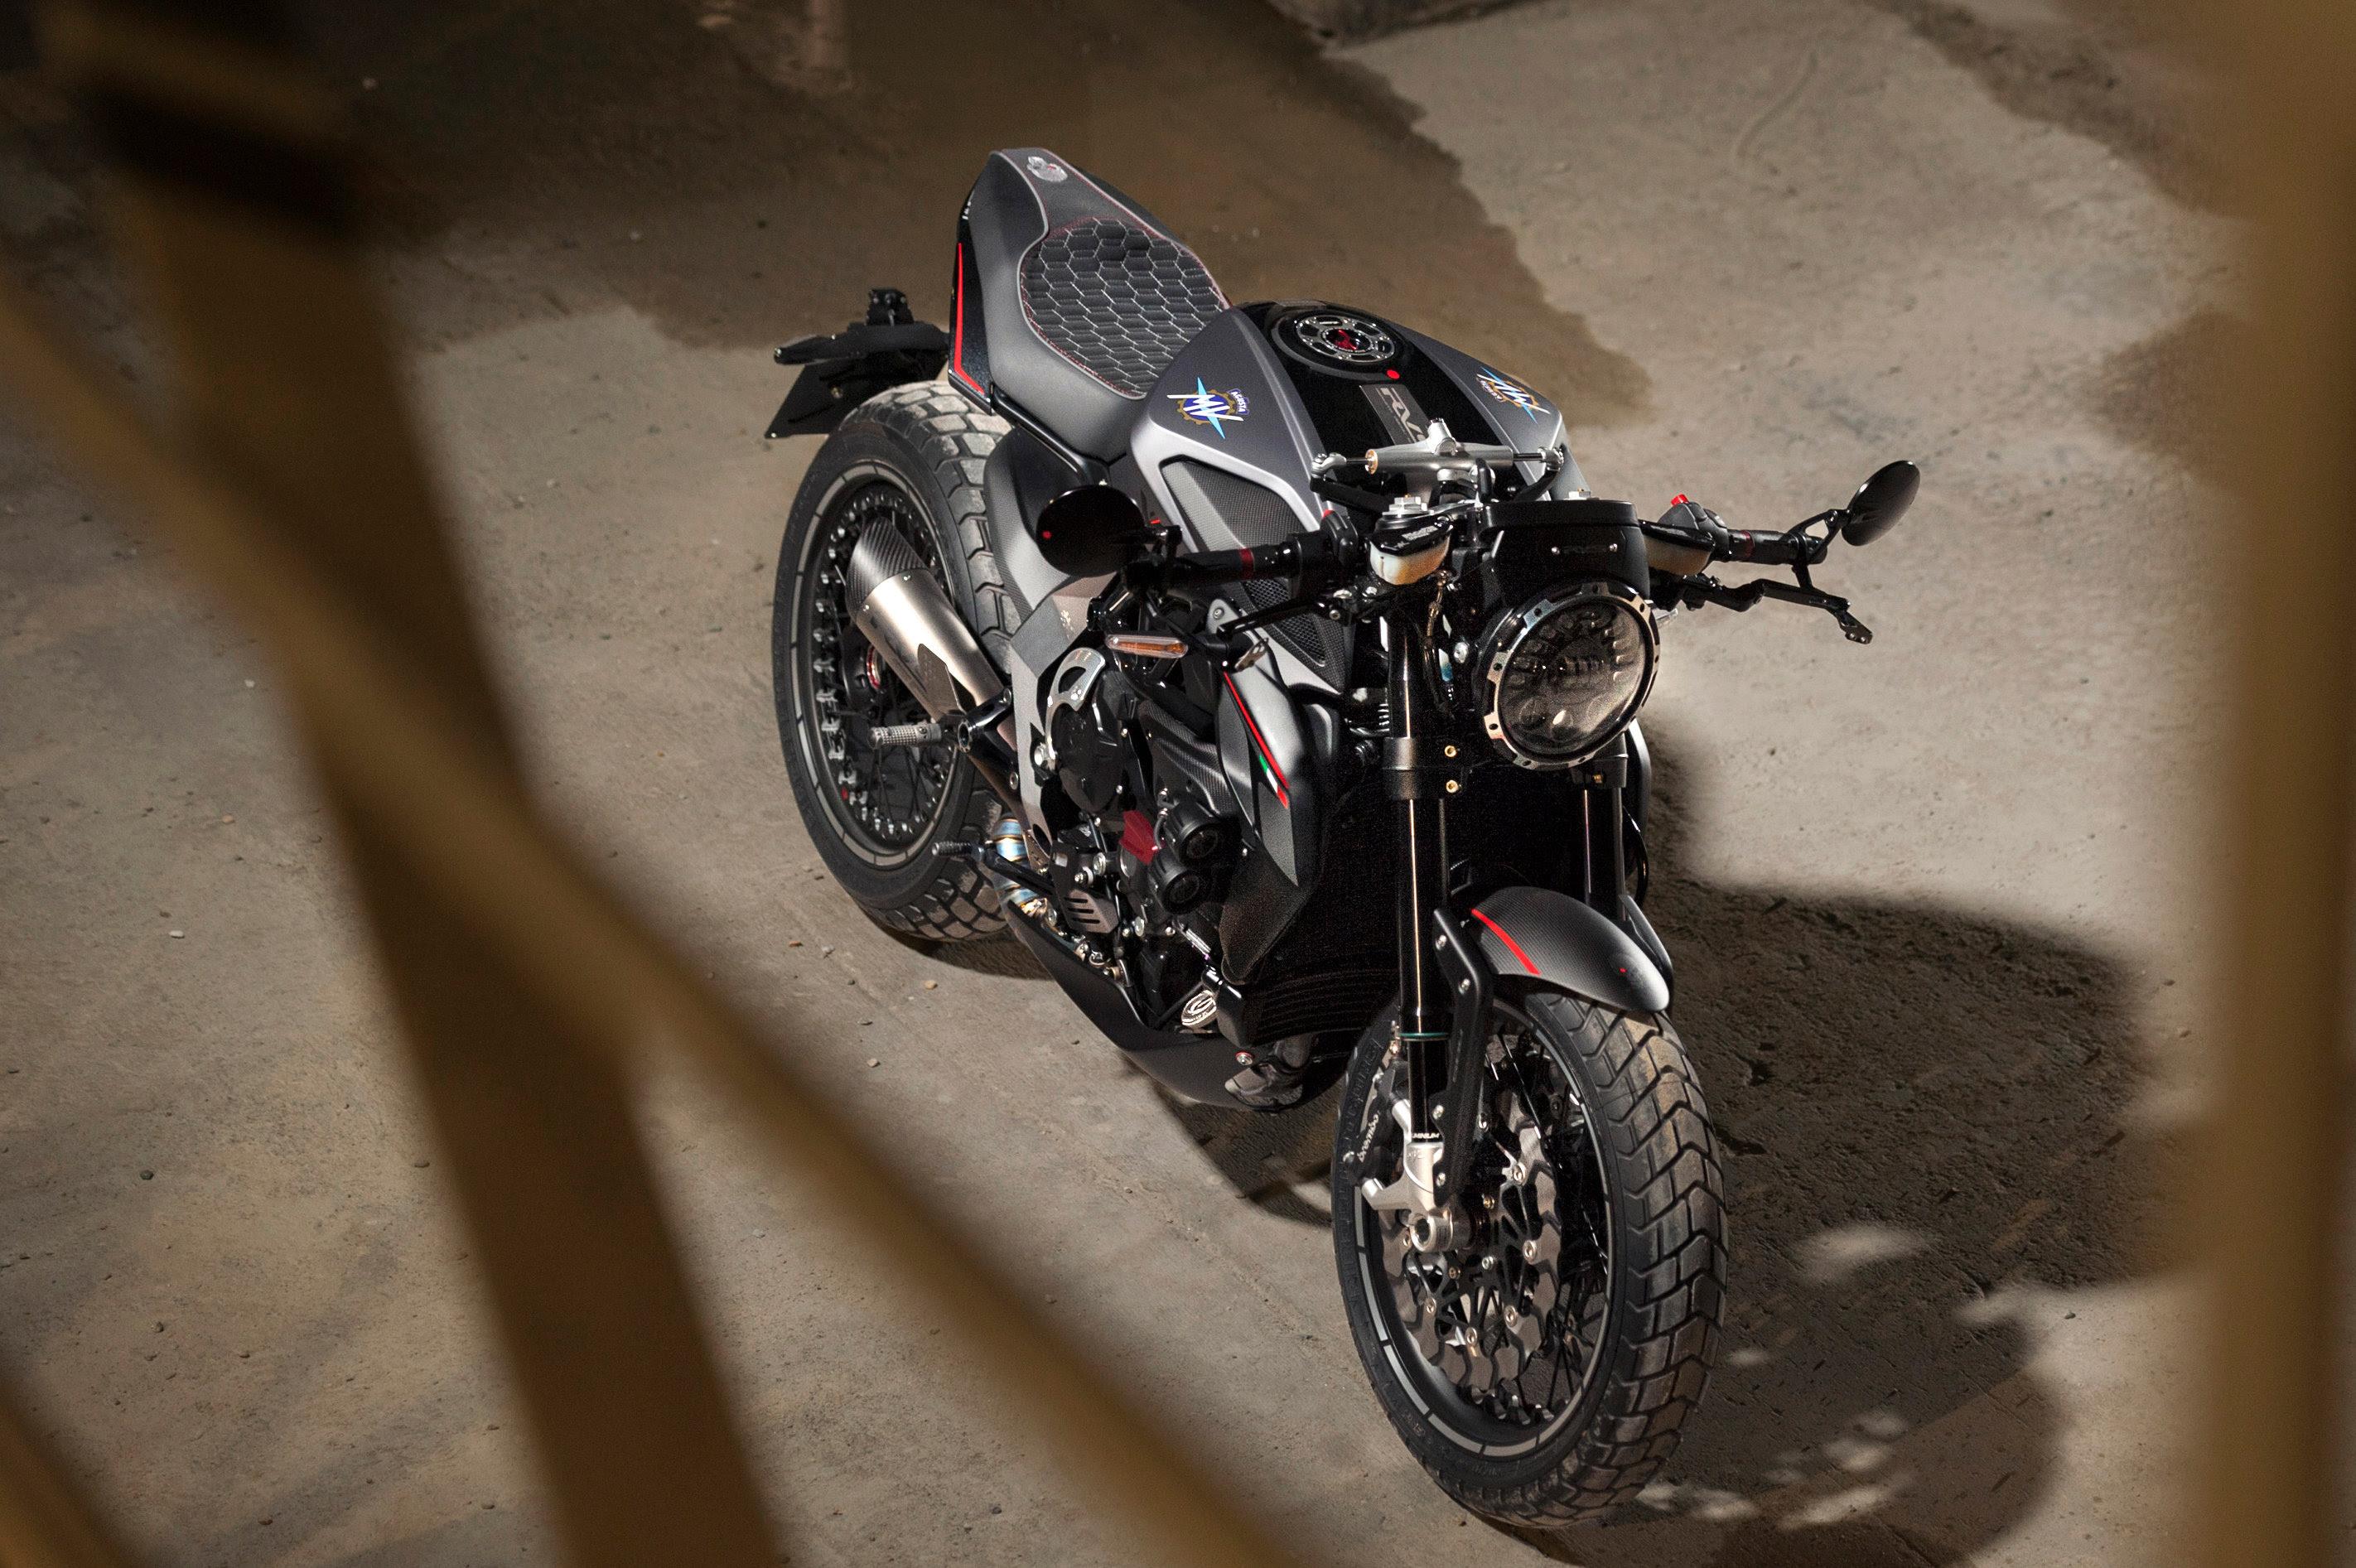 MV Agusta unveils RVS#1